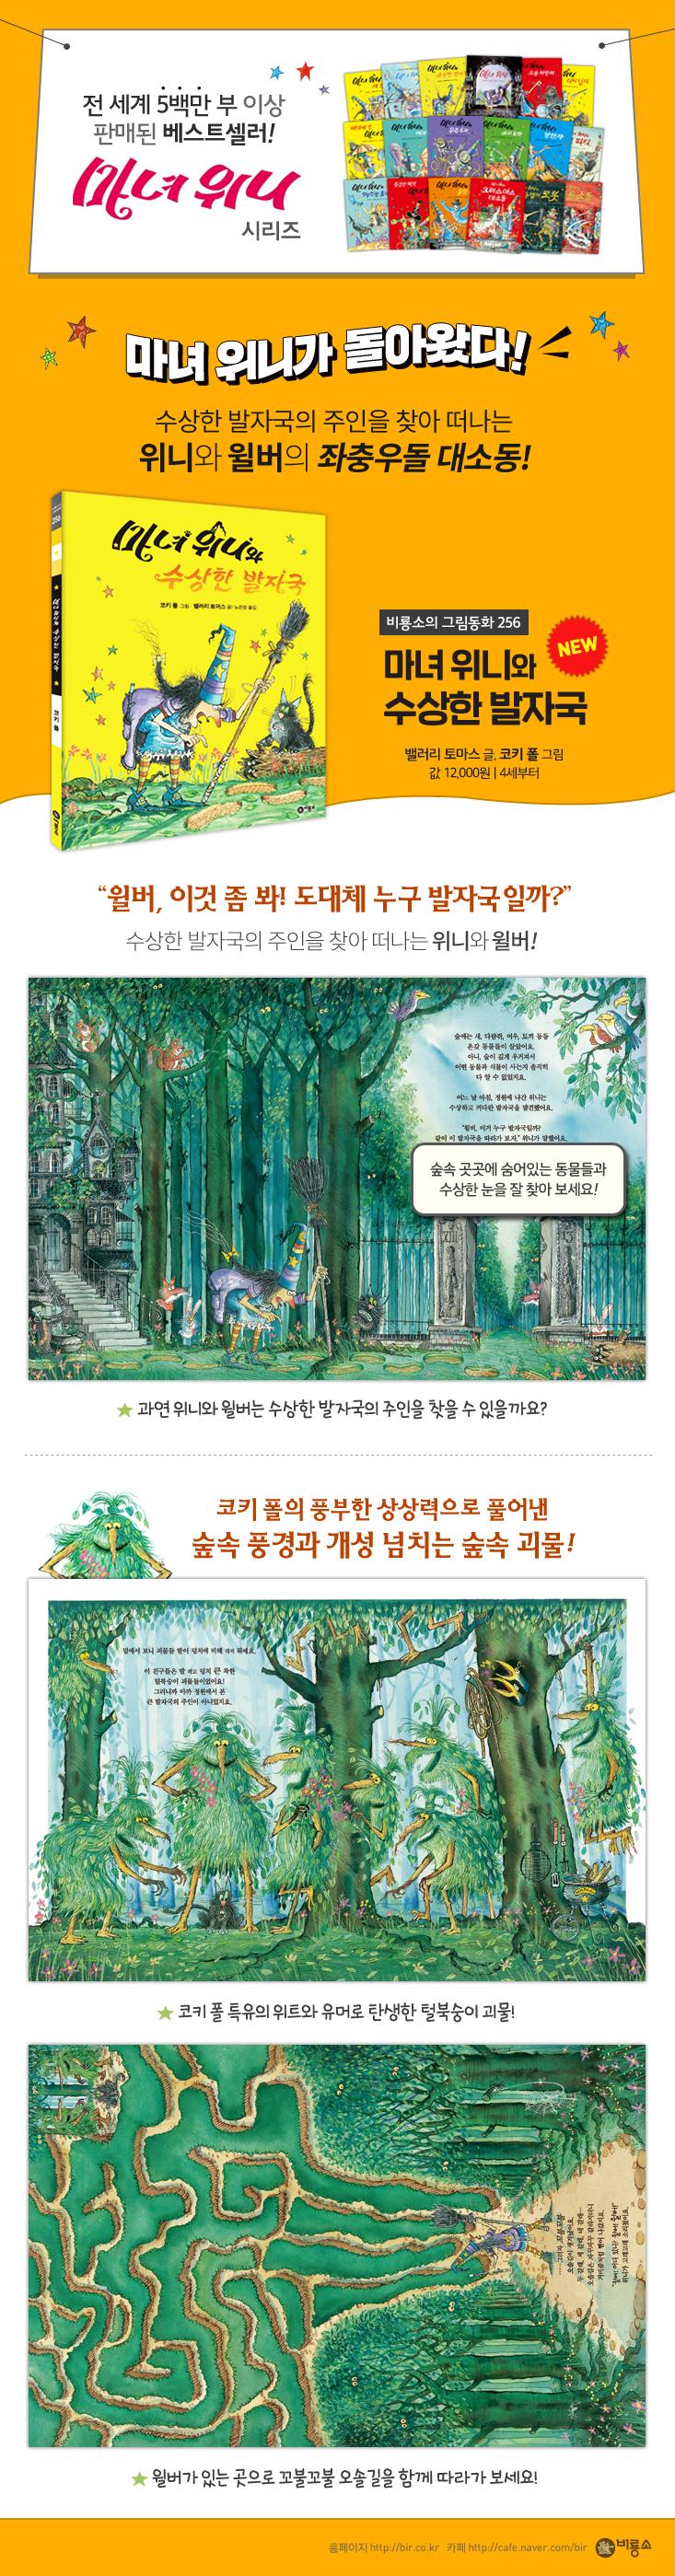 신간_마녀위니와수상한발자국(수정)